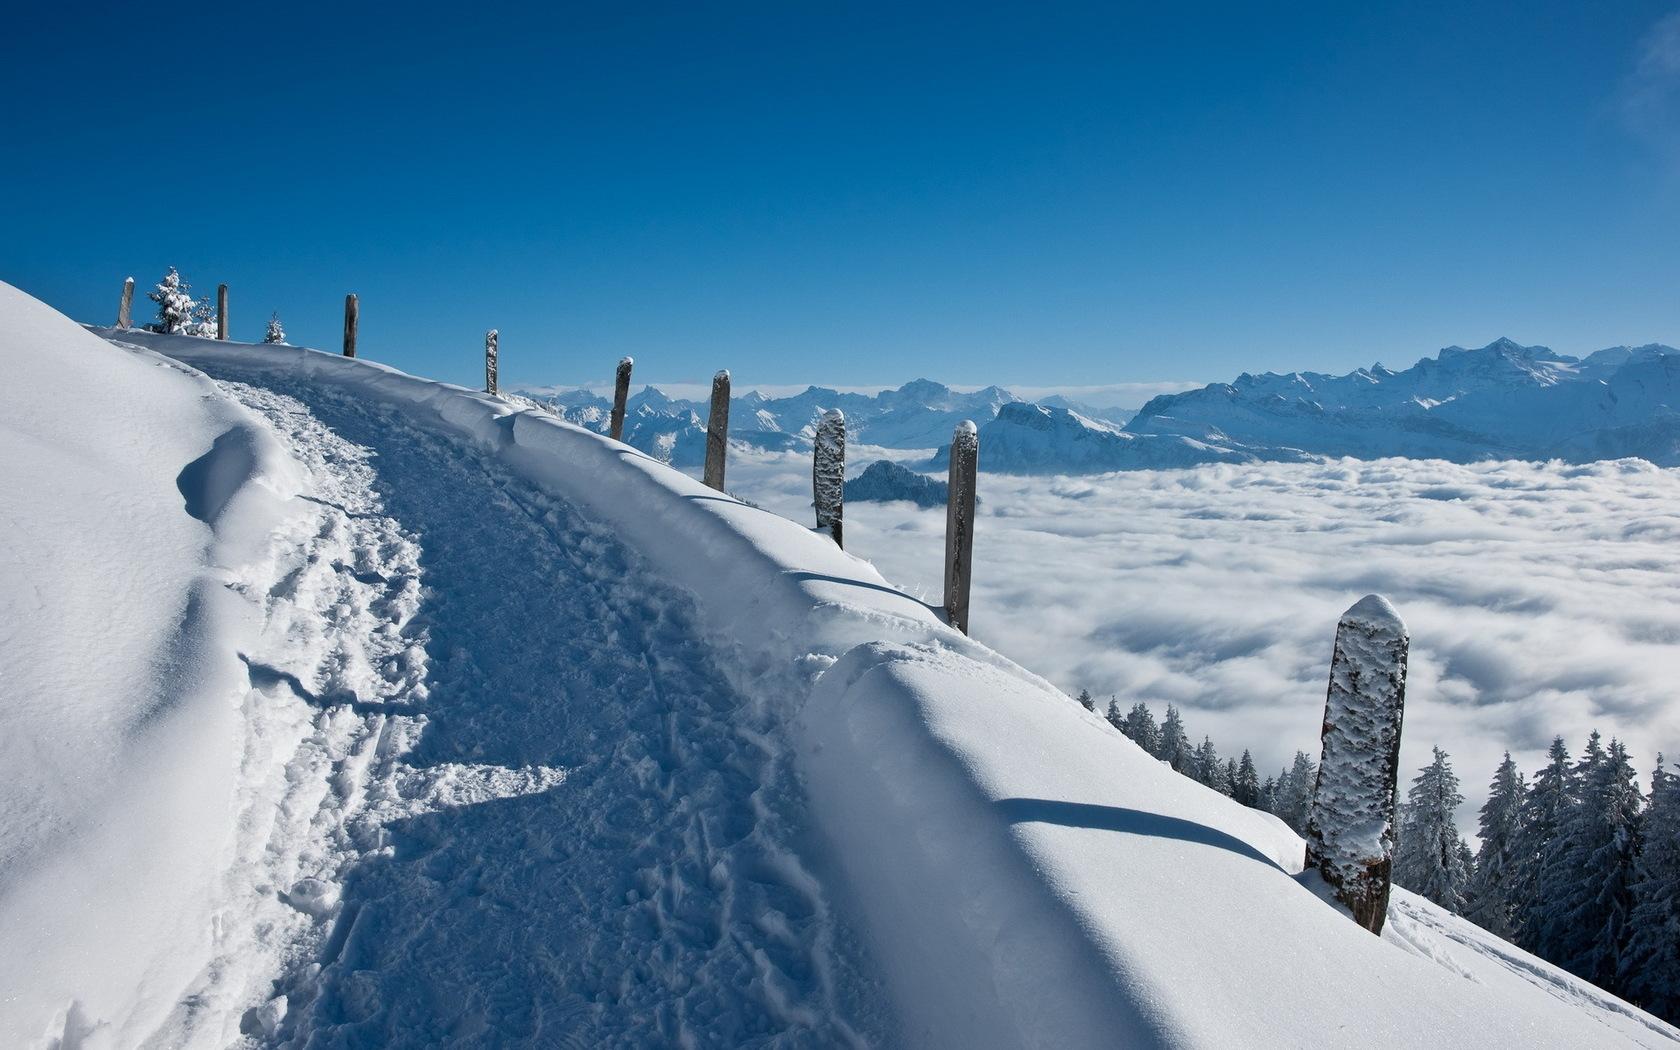 К чему снятся горы в снегу, на склонах которых расположены трассы для катания на лыжах, подскажет сонник цветкова: вы заслужили отдых долгим и упорным трудом.